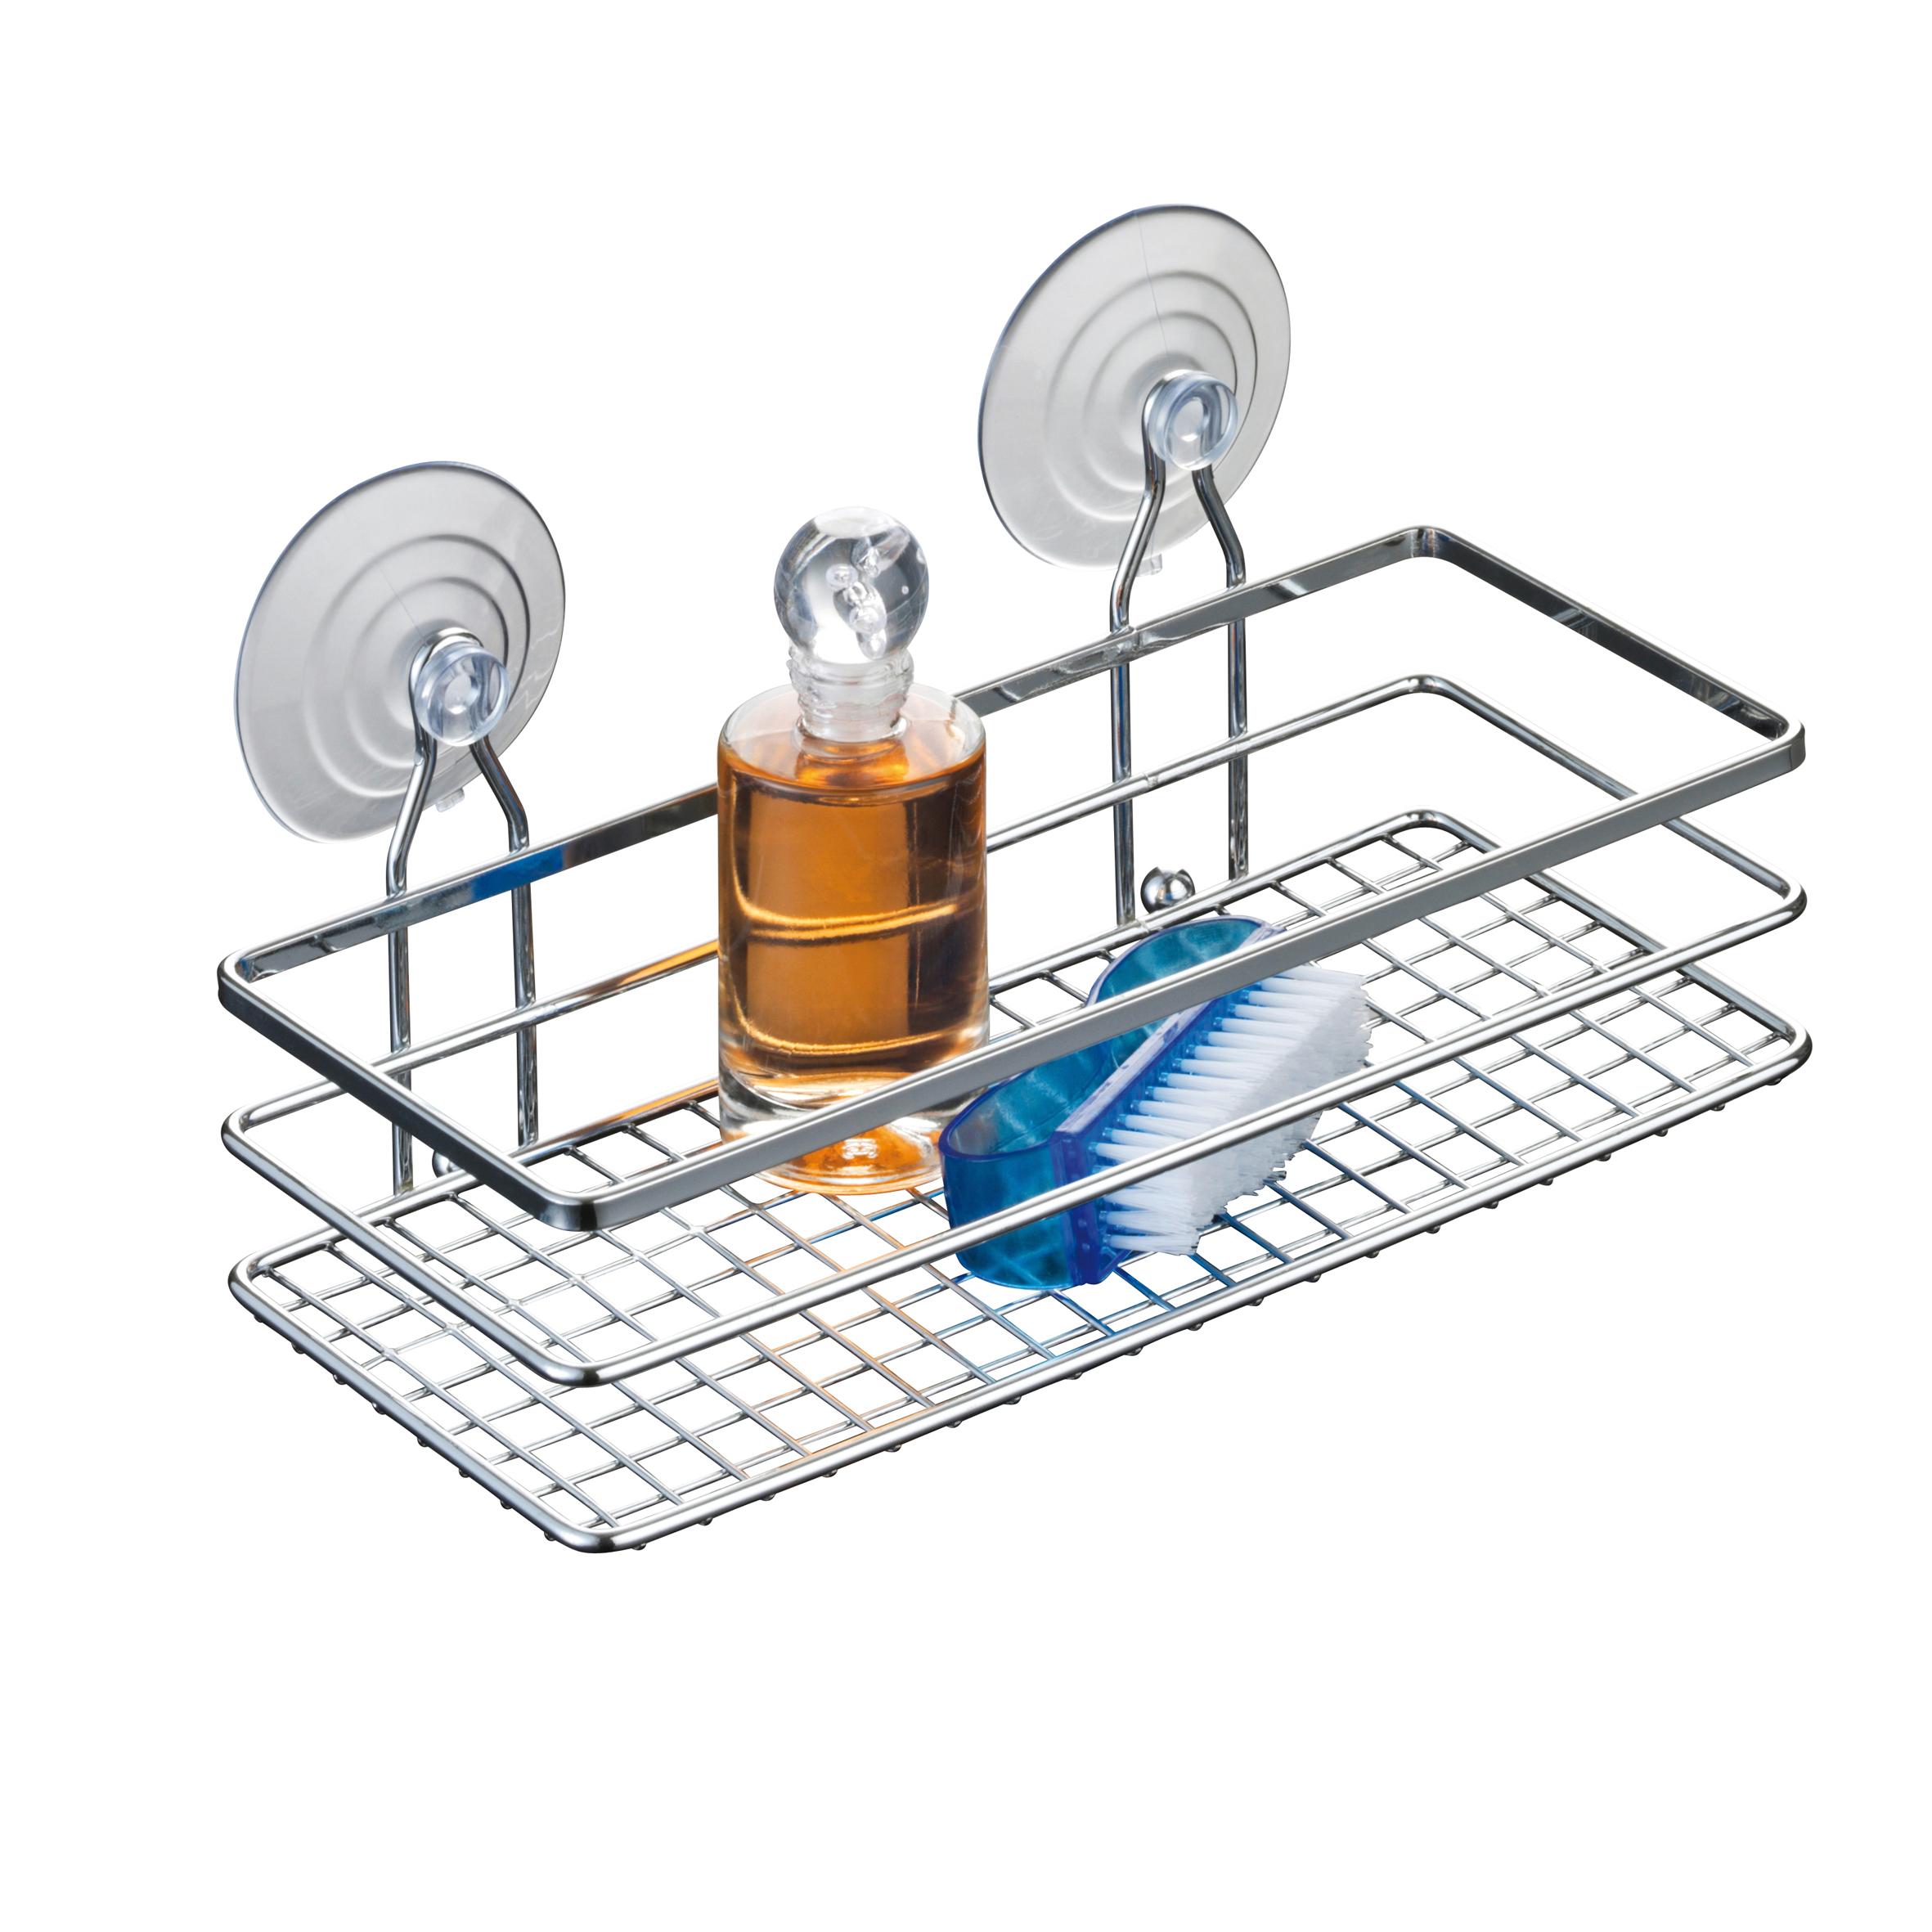 Полка для ванной Axentia Cassandra, настенная, одноярусная, 25 х 11 х 9,5 см280866Одноярусная настенная полка для ванной Axentia Cassandra изготовлена из высококачественной хромированной стали, устойчивой к коррозии в условиях высокой влажности в ванной комнате. Изделие крепится к стене на шурупах или присосках (входят в комплект). Классический дизайн и оптимальная вместимость подойдет для любого интерьера ванной комнаты.